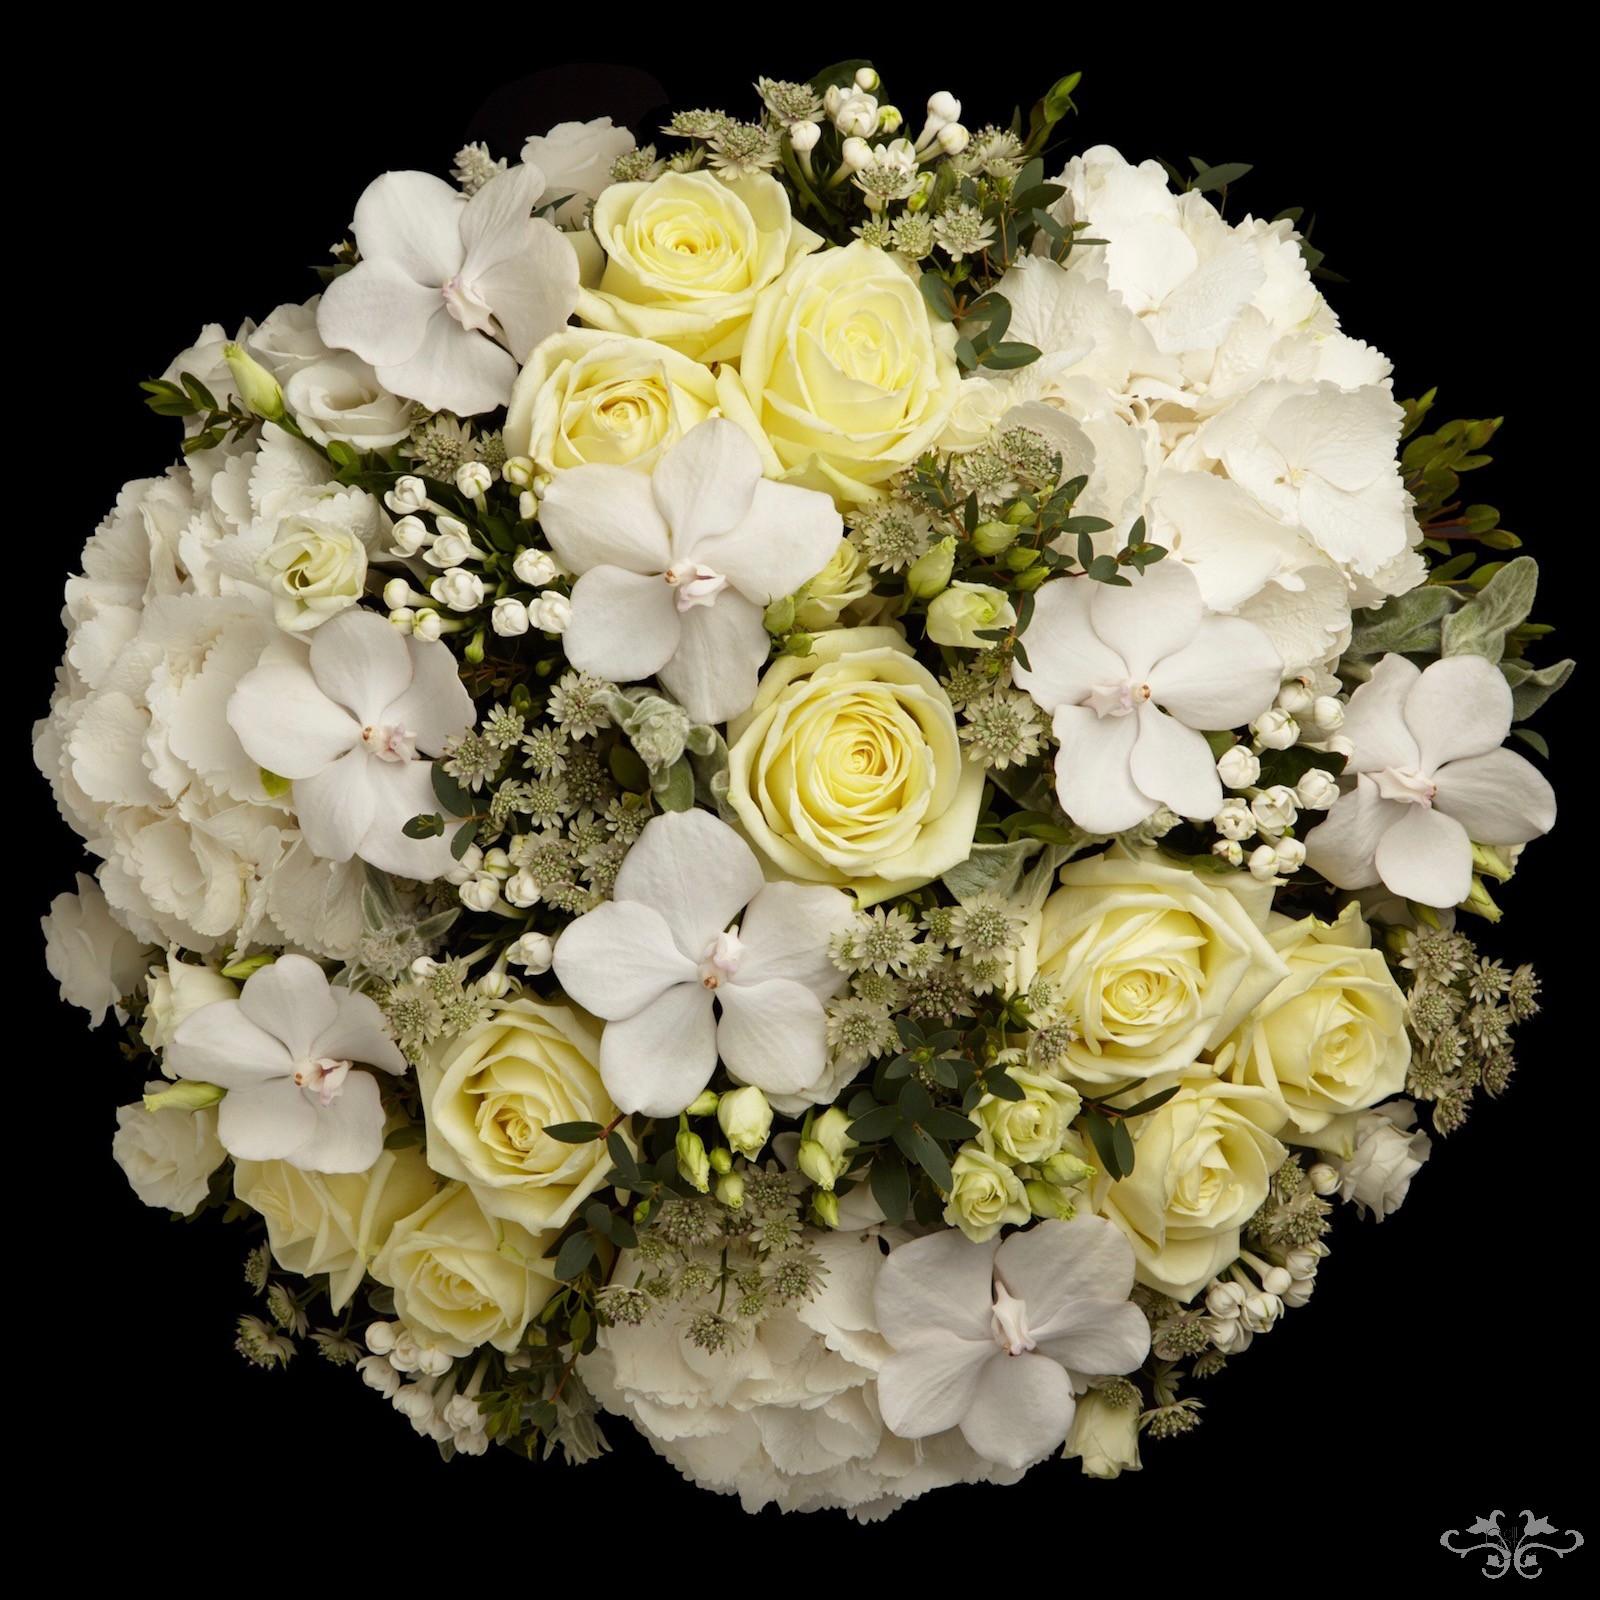 Summer White bouquet by Neill Strain Belgravia